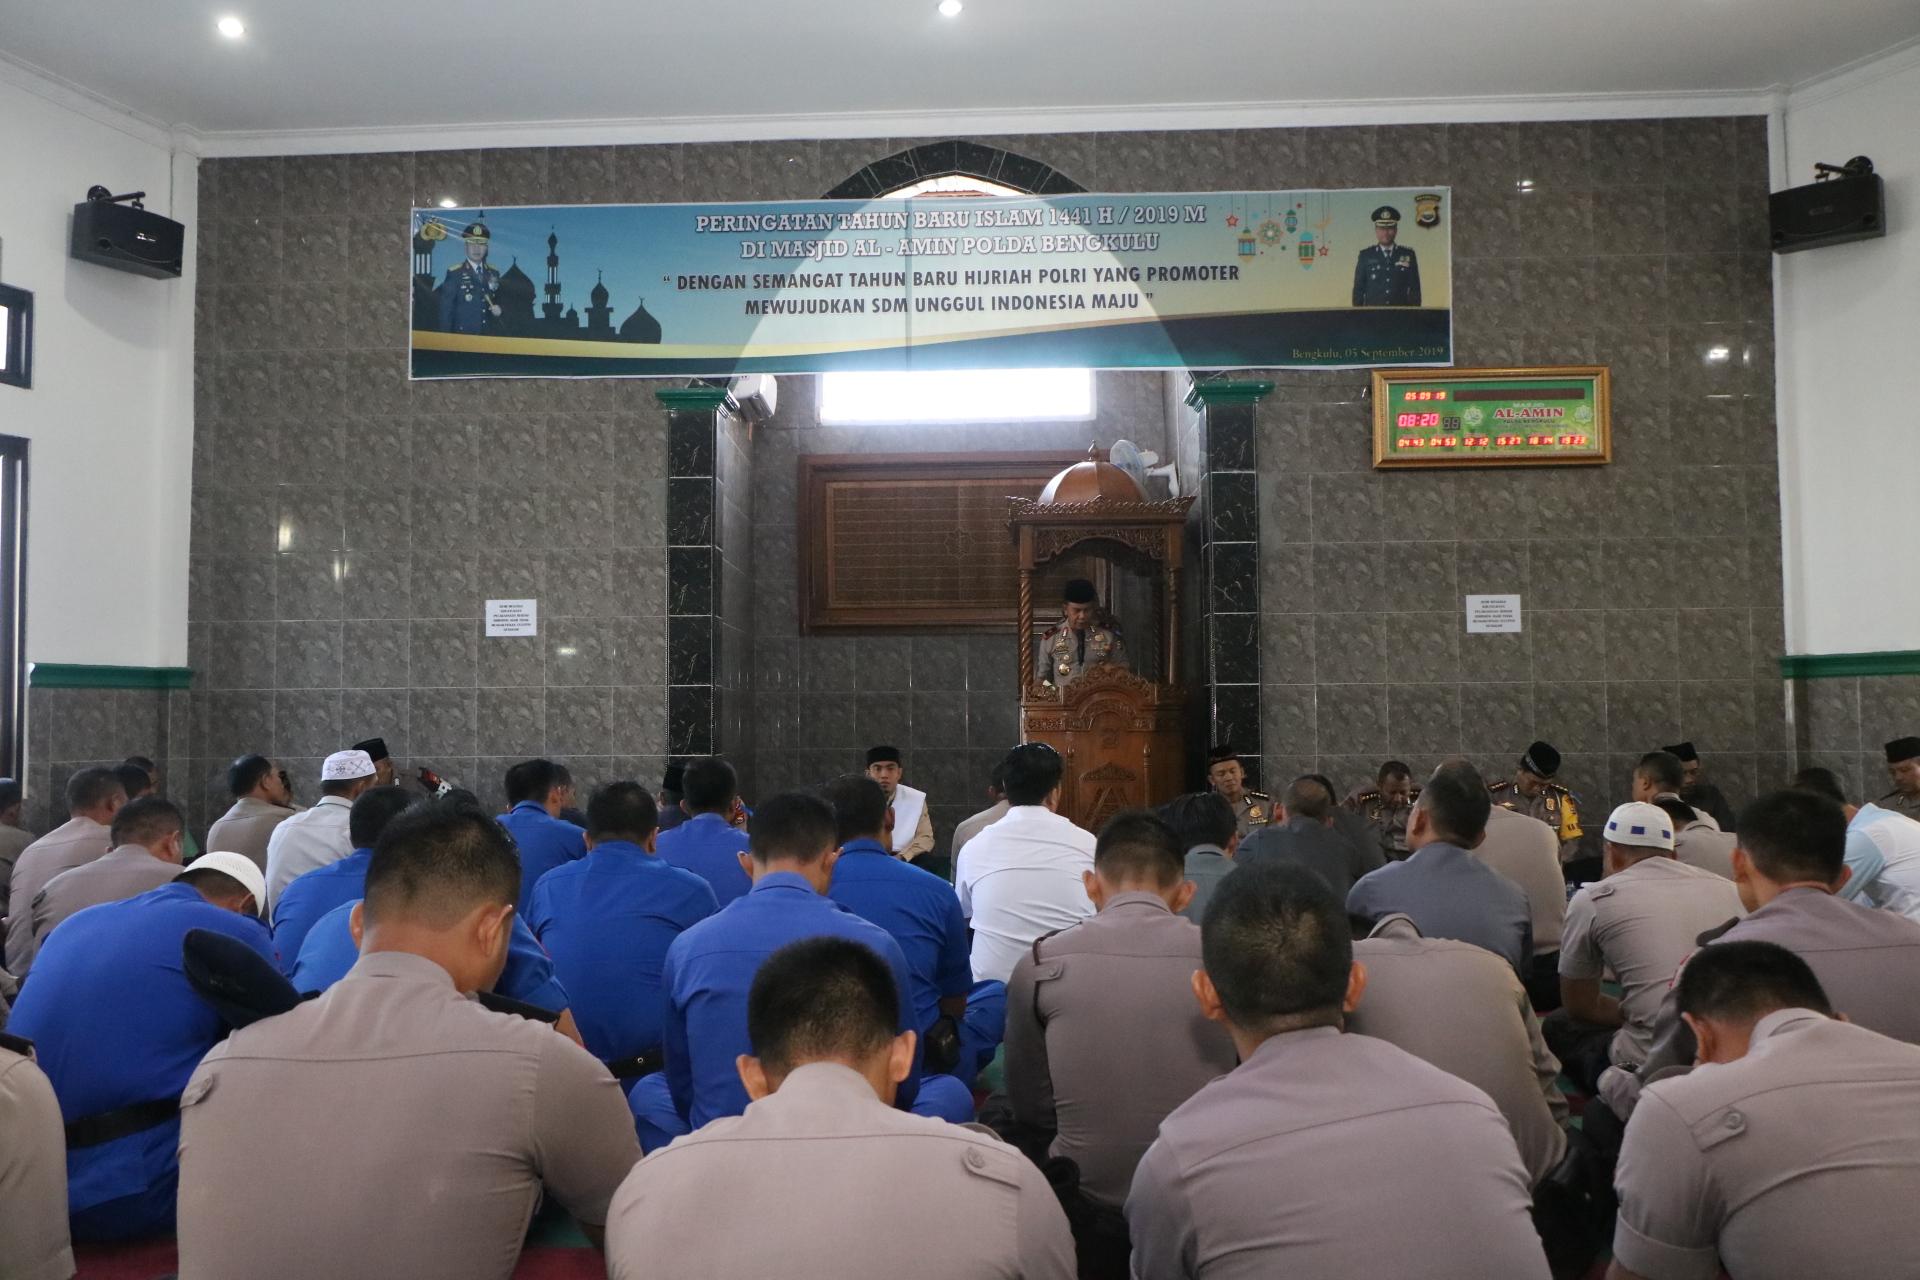 Polda Bengkulu Rayakan Tahun Baru Islam 1441 H Dengan Ceramah Agama dan Doa Bersama